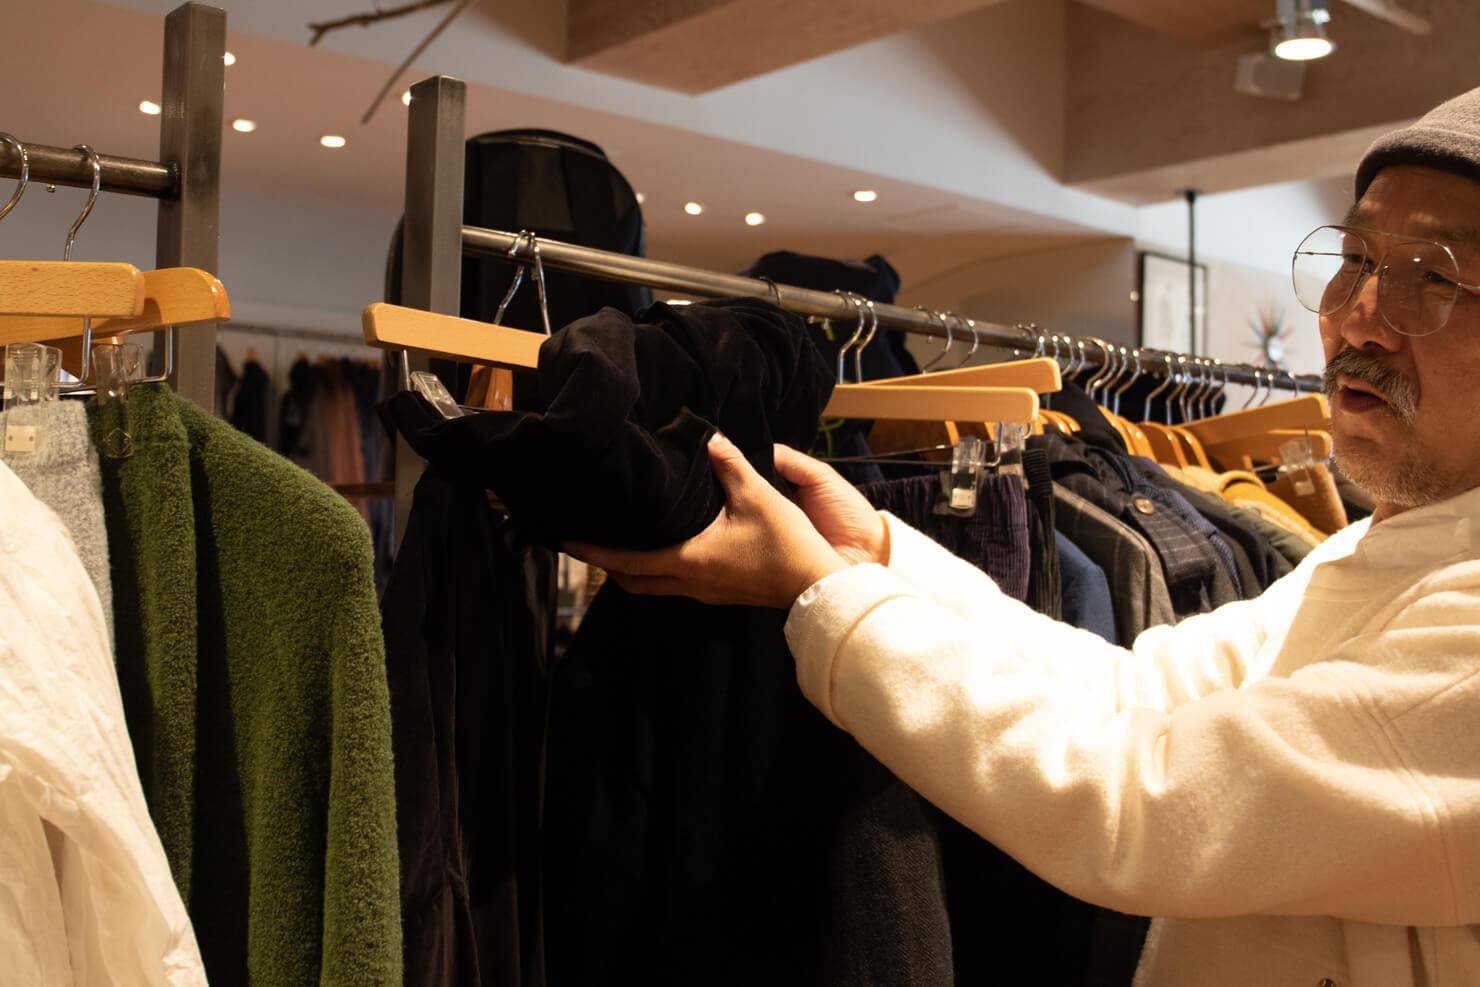 浅田さんがケーシーケーシーのスカートをくしゃっとしている写真